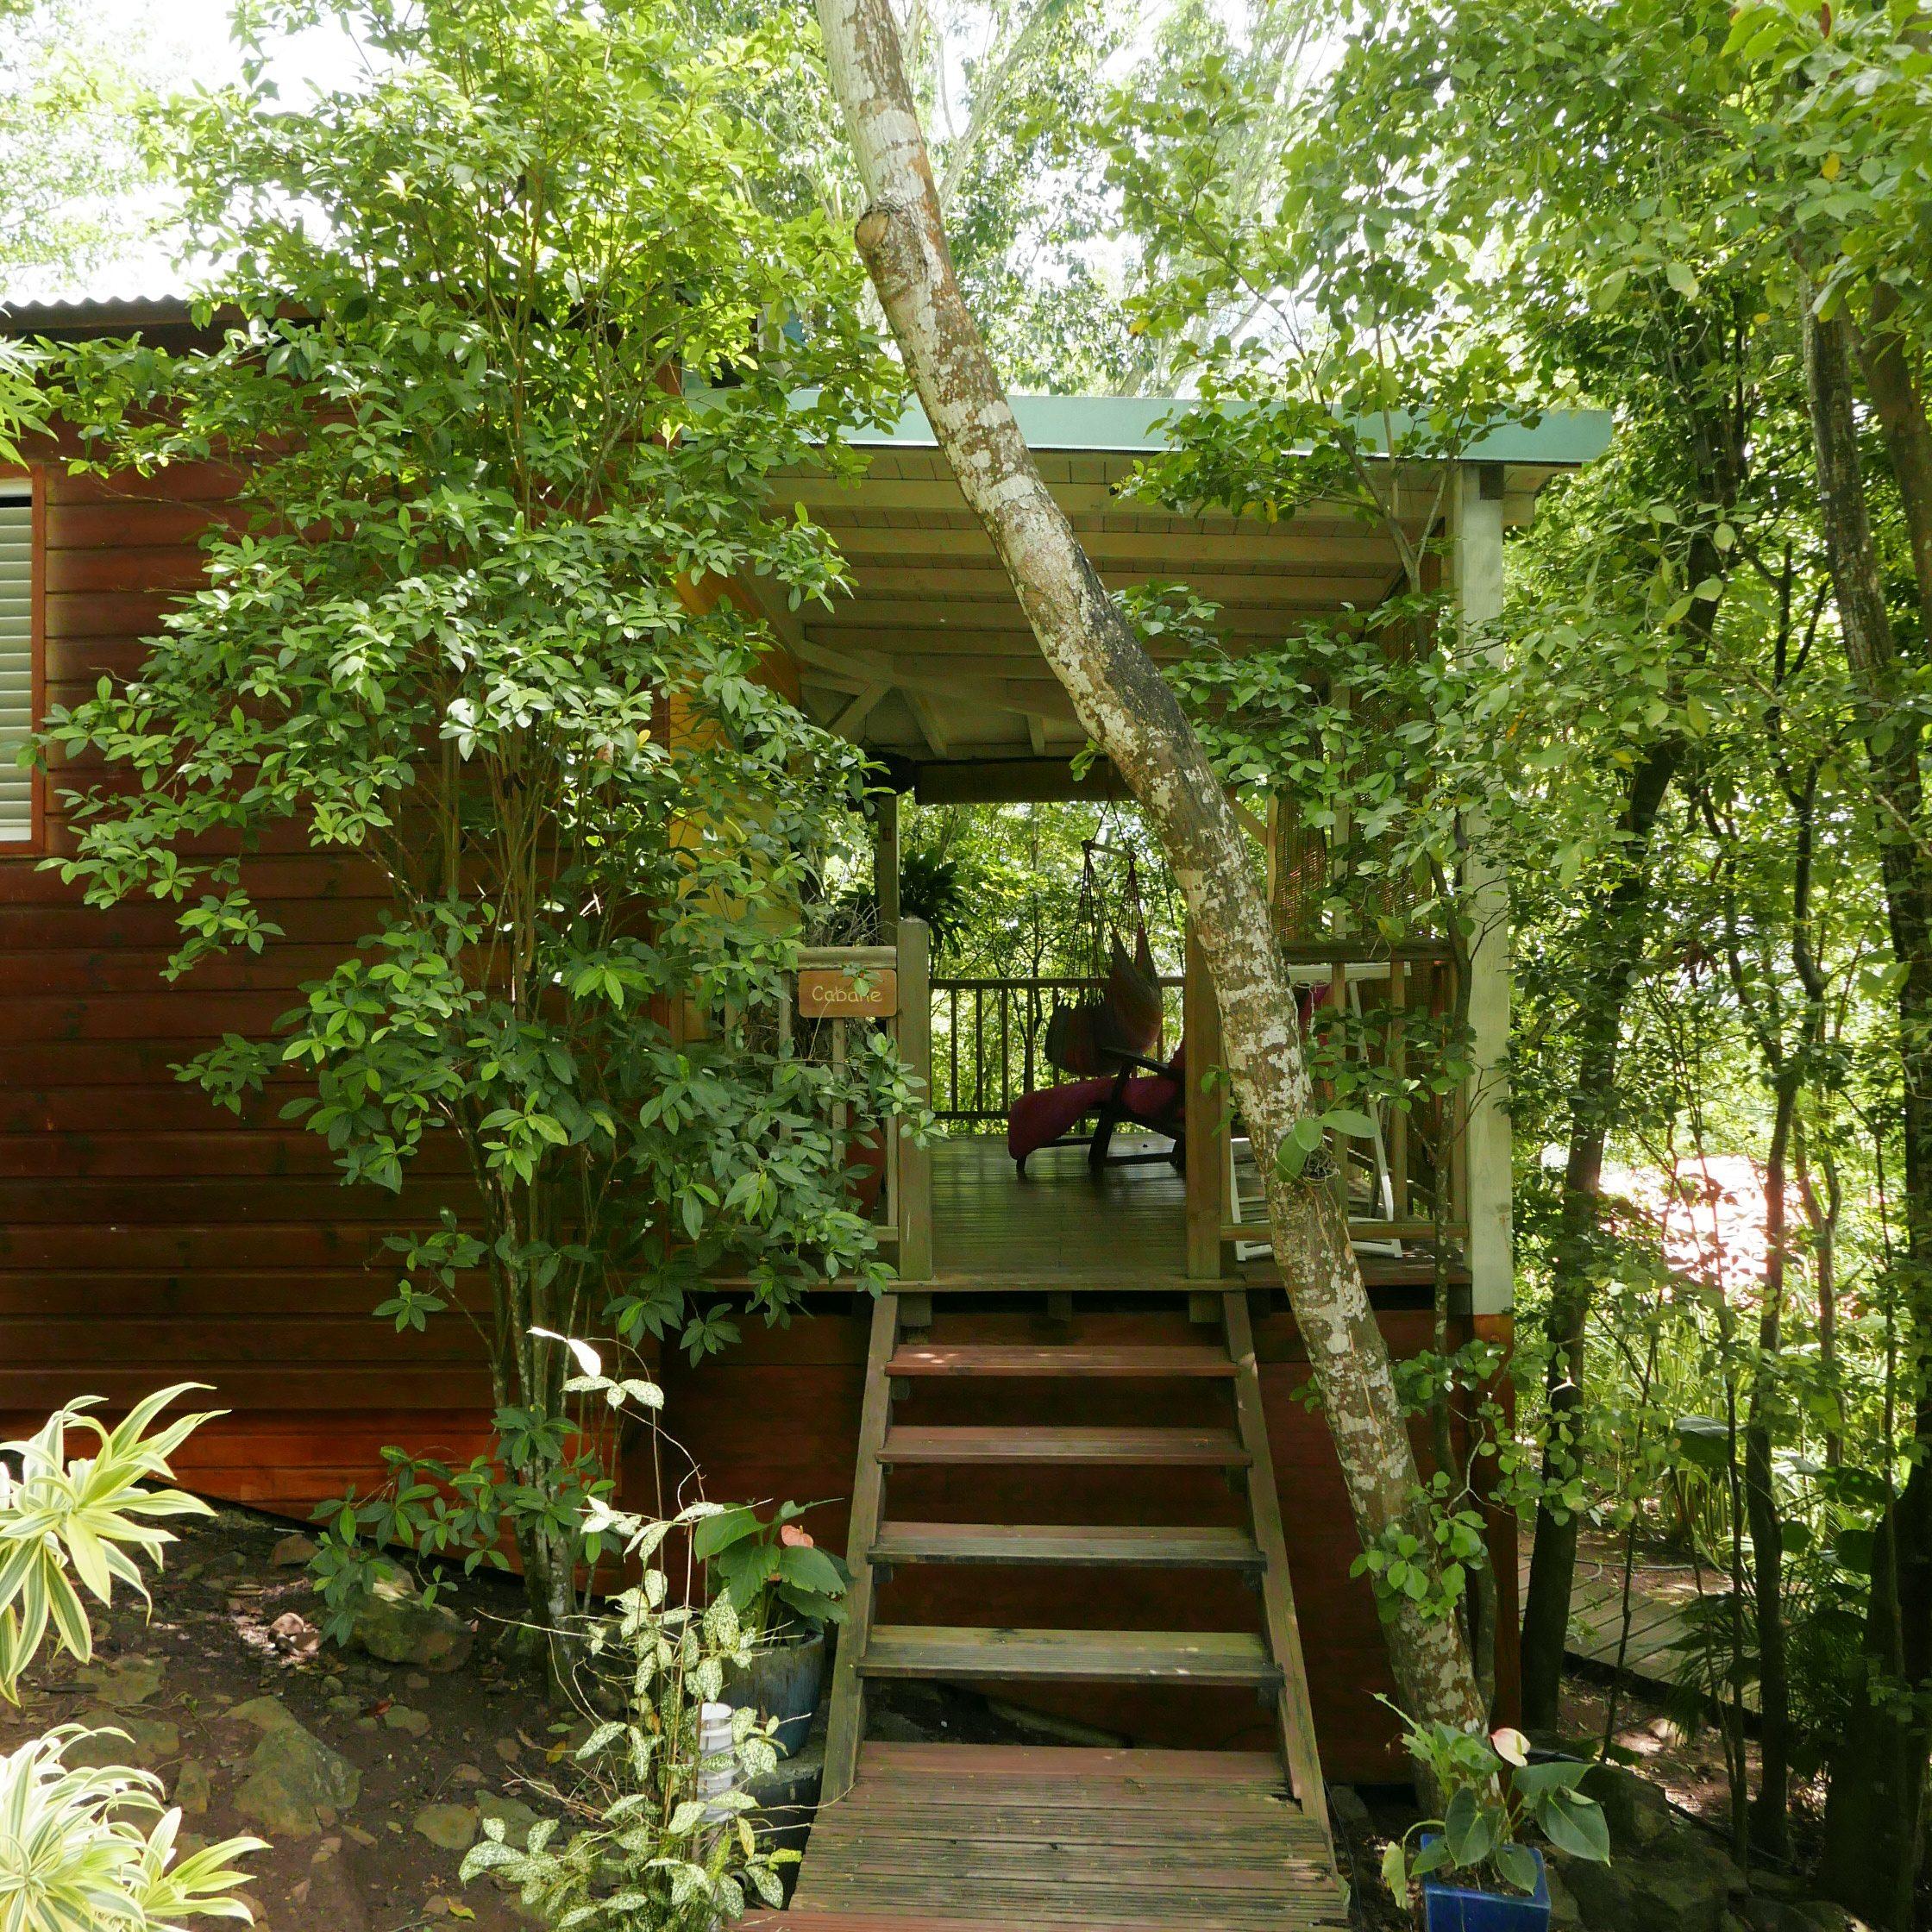 Tendance Eco-Lodge : L'exemple Du Jardin Des Colibris En ... concernant Au Jardin Des Colibris